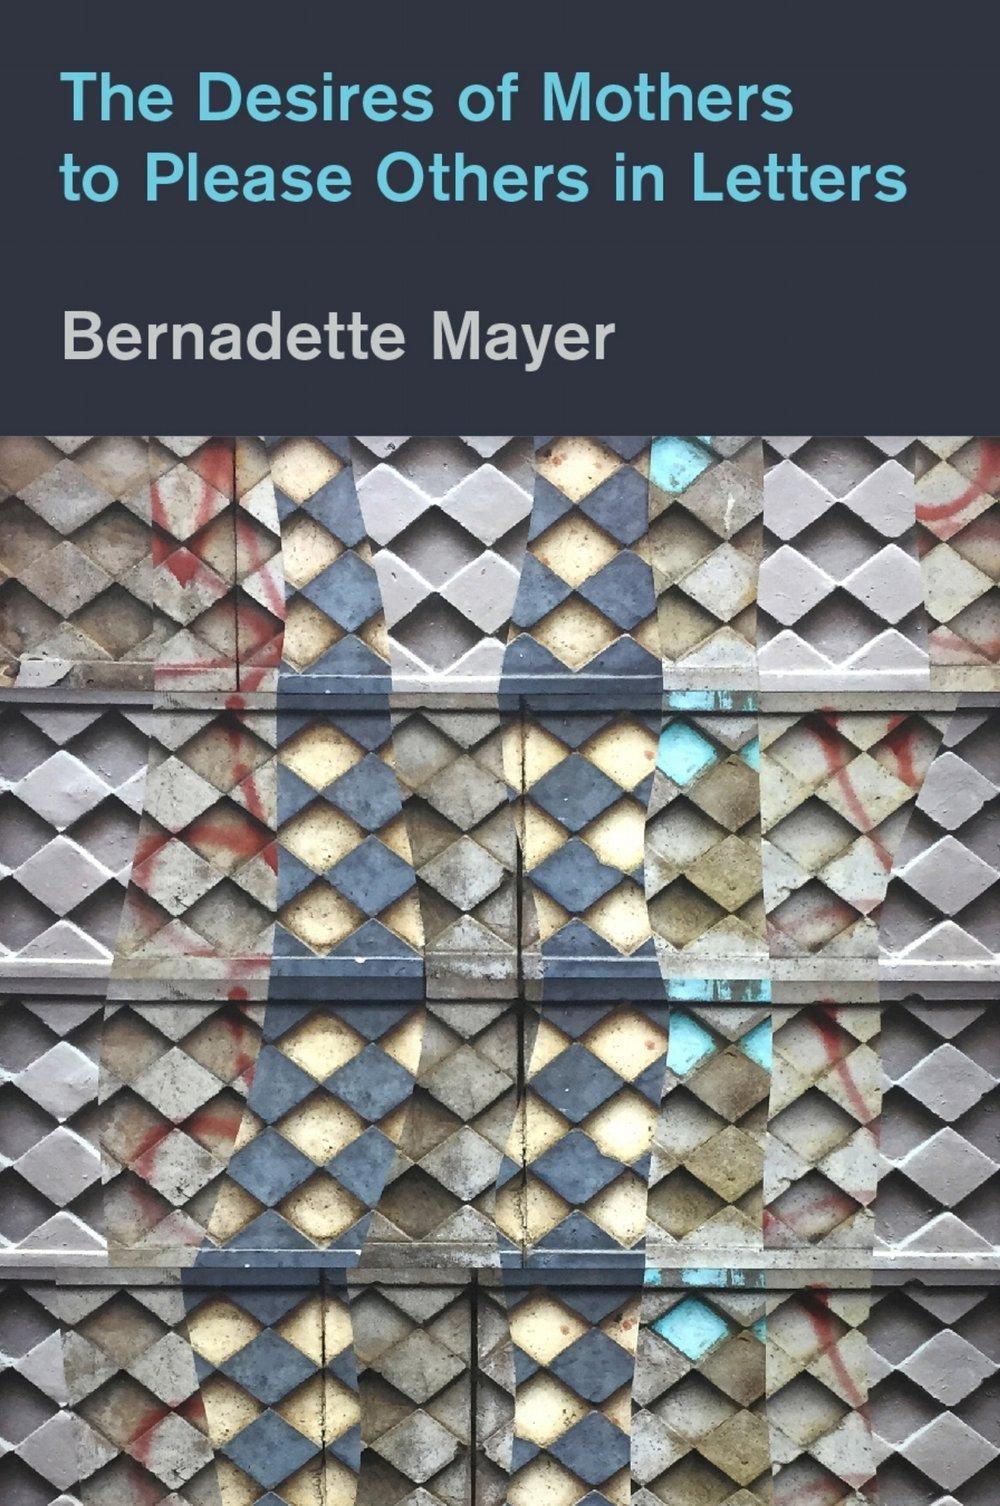 Bernadette Mayer